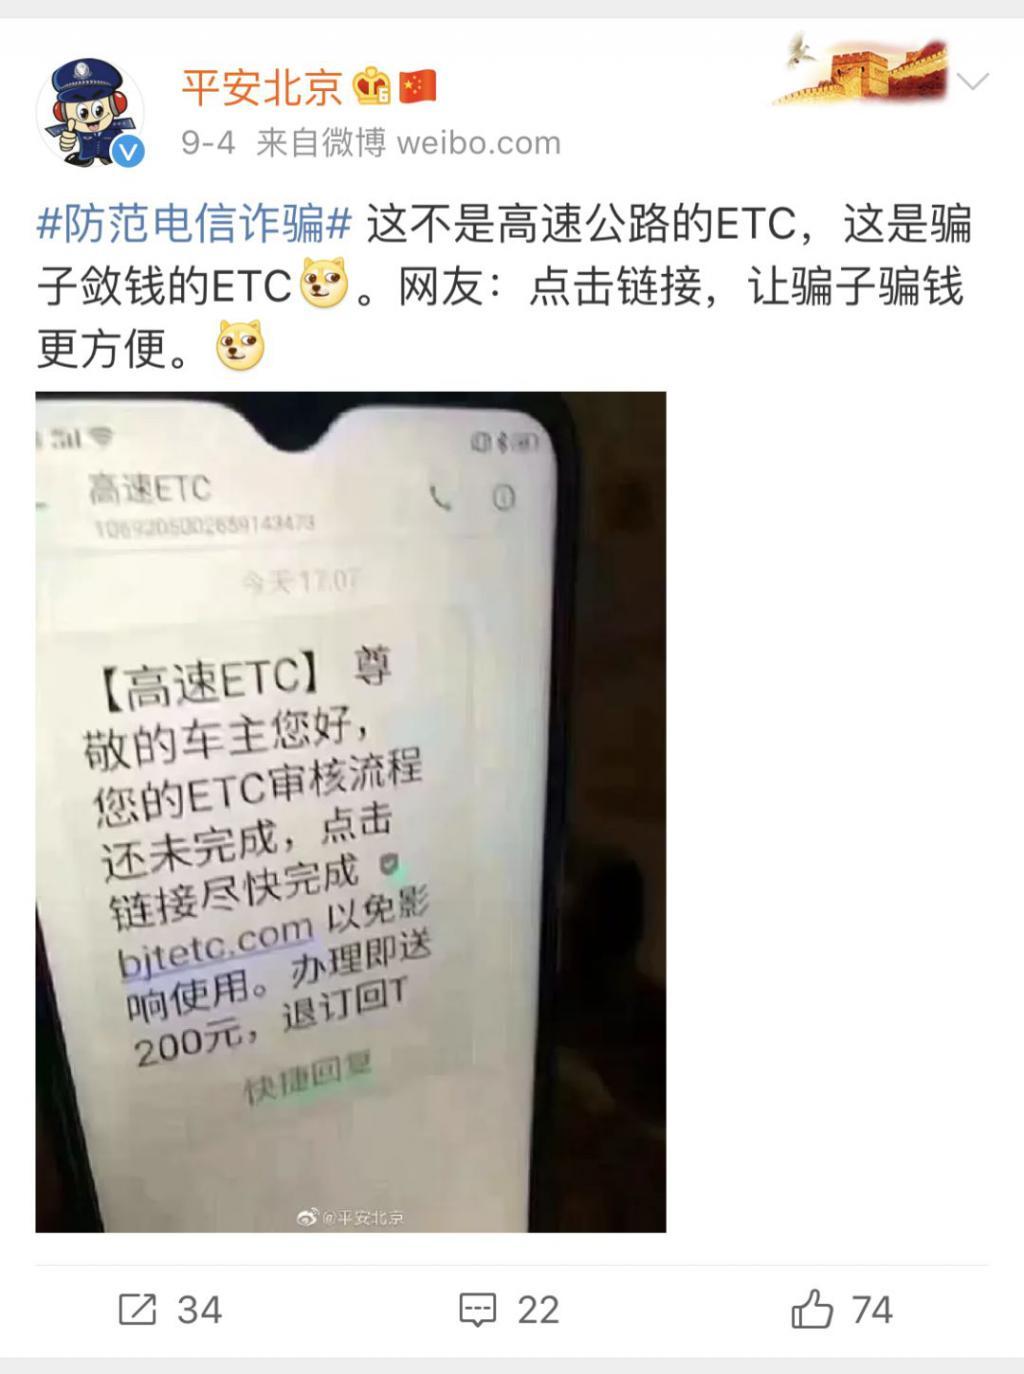 钱江晚报微信公众号: 姑娘办完 ETC,发现被骗了!公安紧急提醒